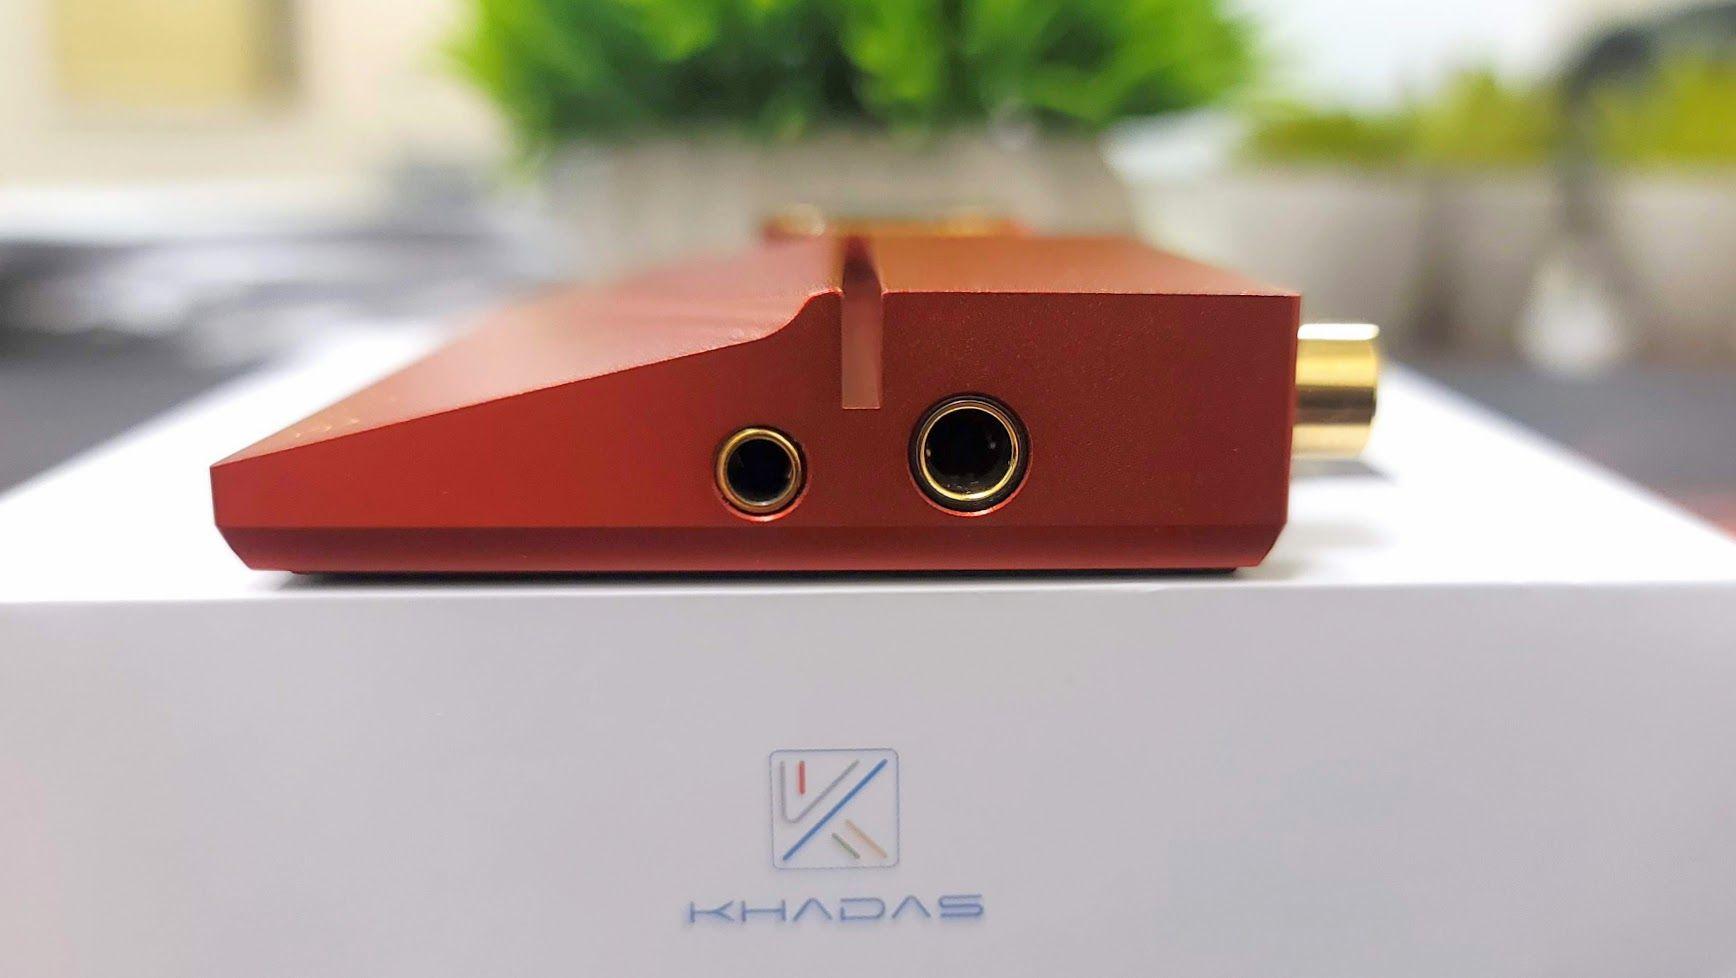 Обзор Khadas Tone 2 Pro: небольшой, но отличный способ улучшить качество звука на рабочем столе | MMORPG.com